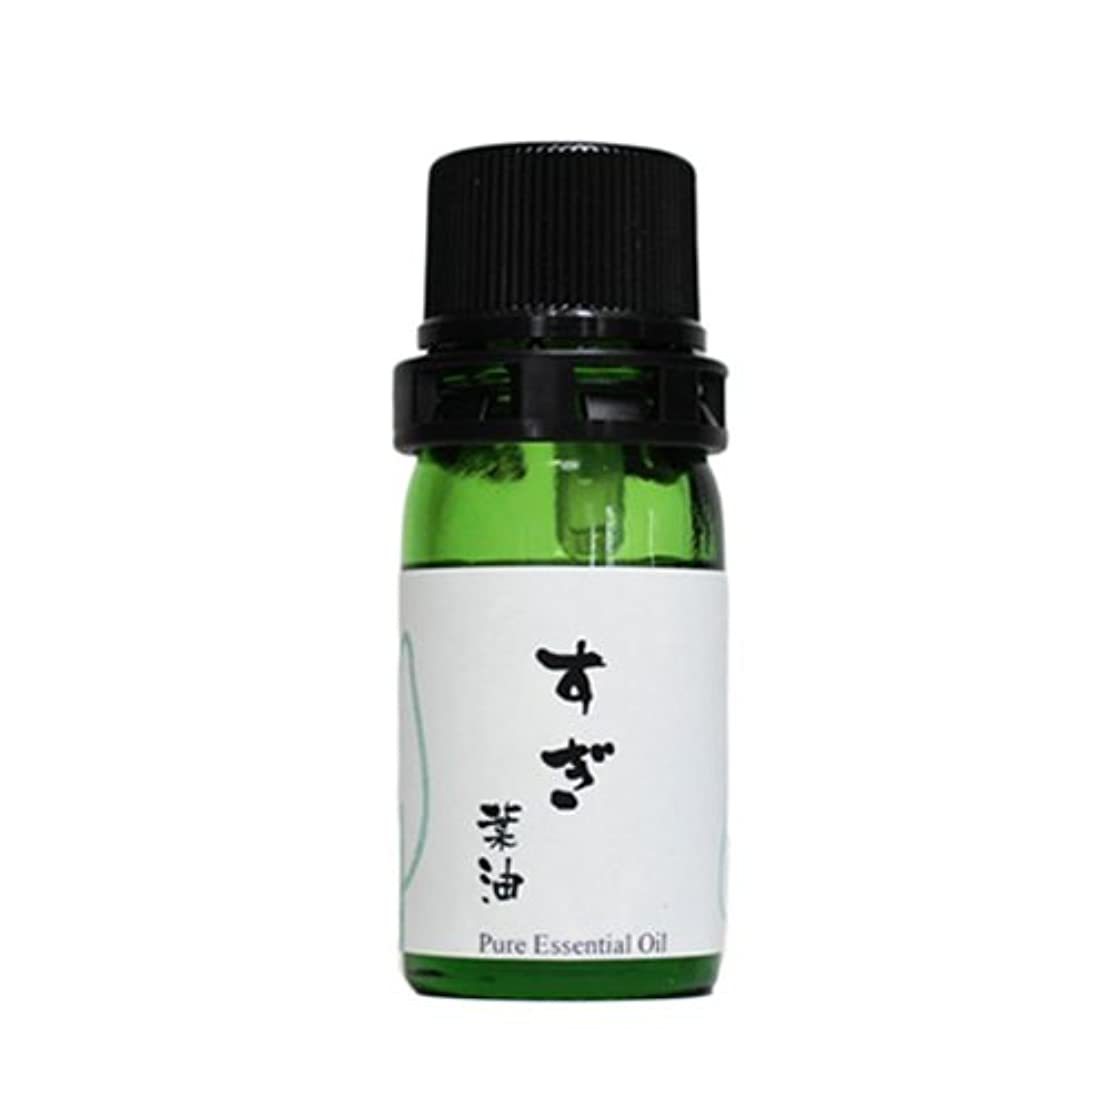 クレタアデレード巨大和精油 すぎ葉油 (紀伊半島産) エッセンシャルオイル 5ml